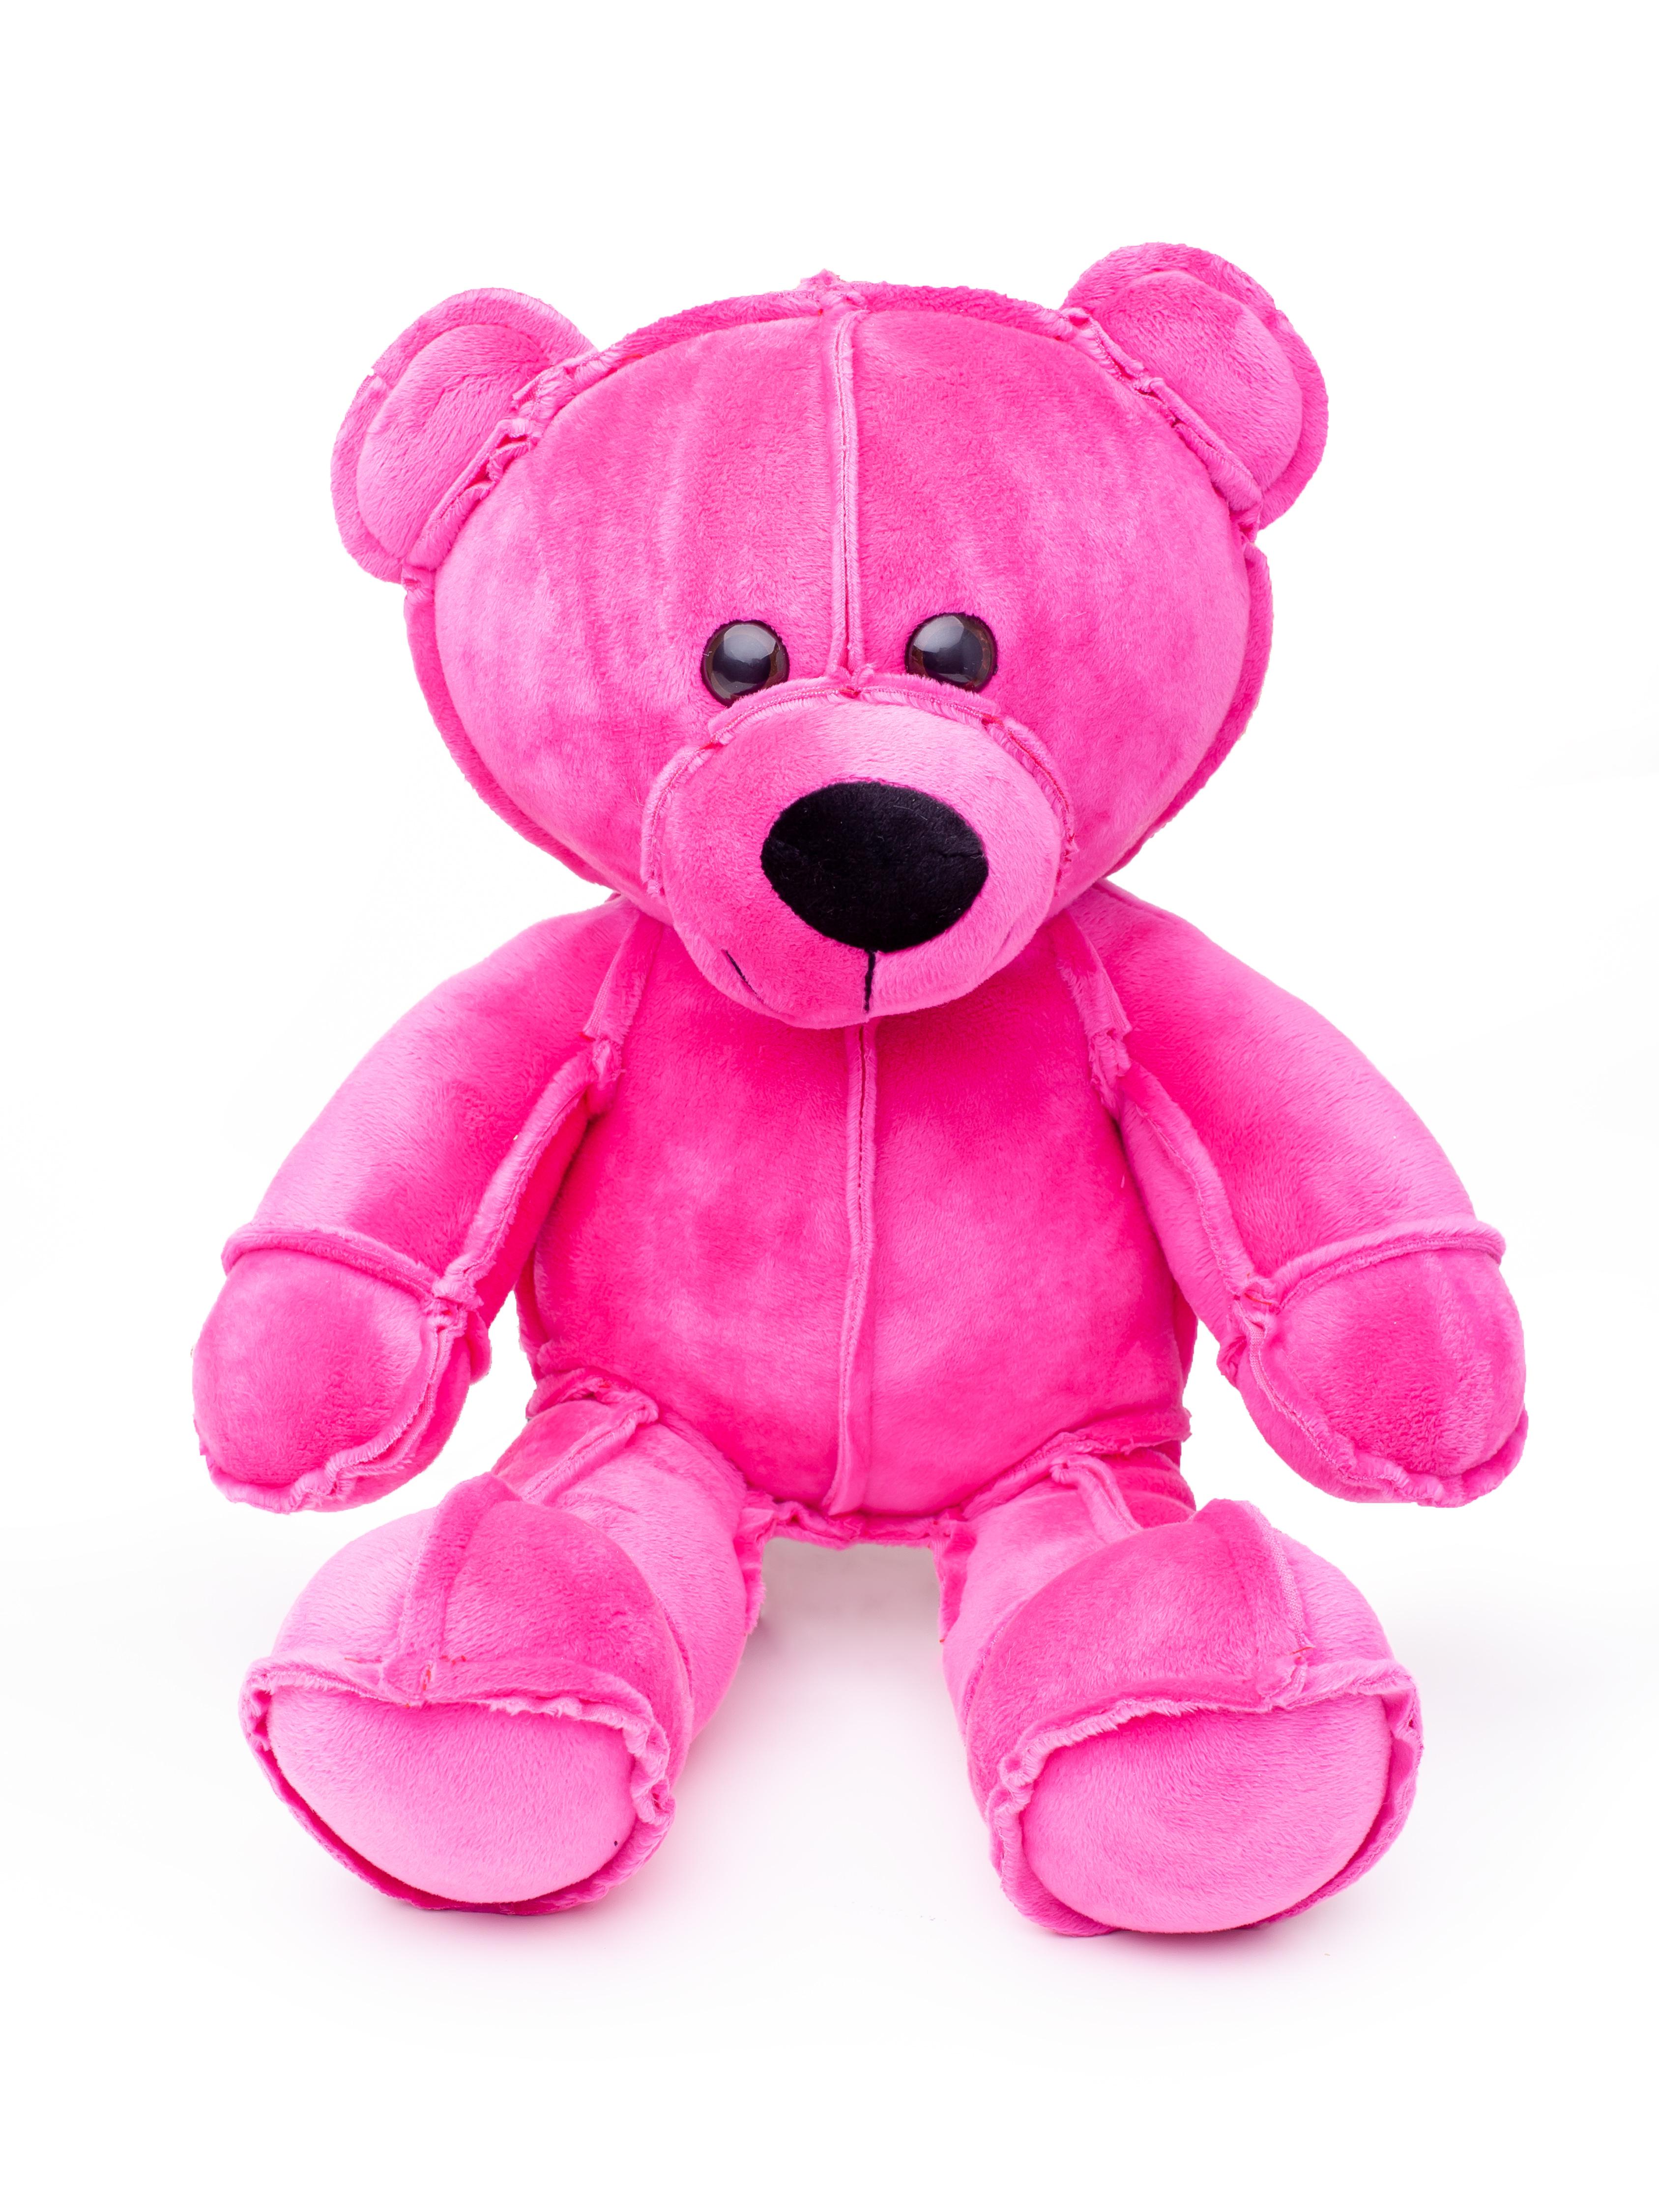 Мягкая игрушка Смолтойс Мишка Даня В45 см, 6199/РЗ/45 розовый смолтойс мягкая игрушка собачка 45 см 1889 мл 45